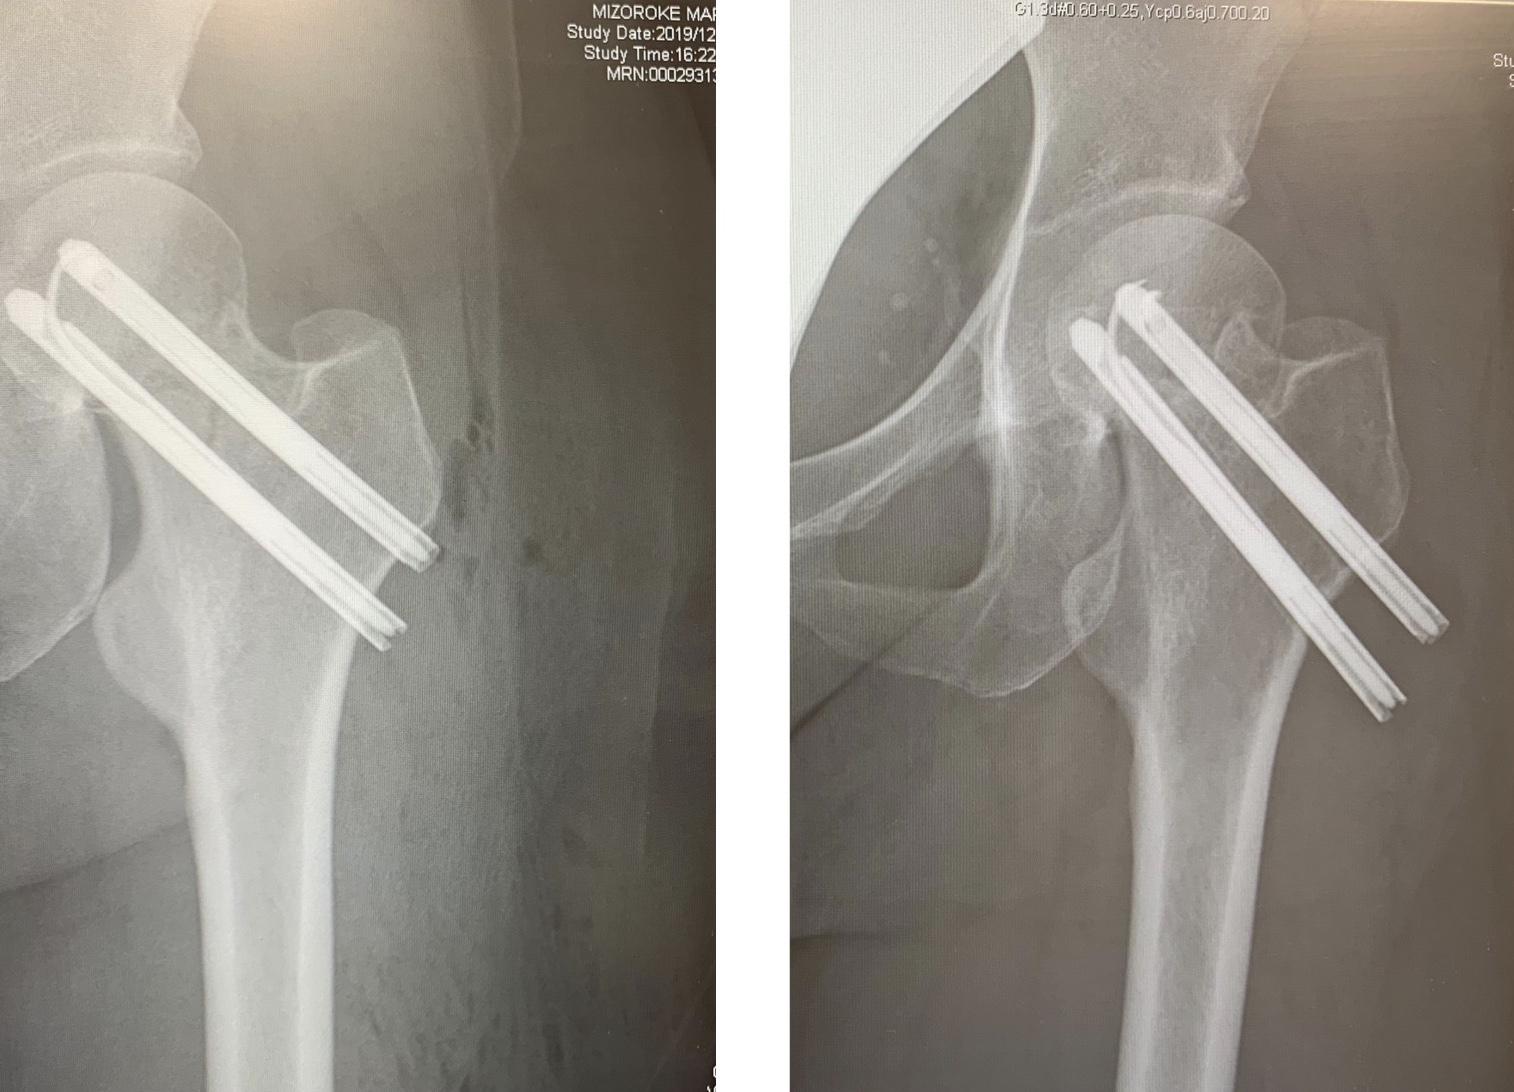 大腿骨の変形。人工関節か?_f0046982_18133384.jpeg